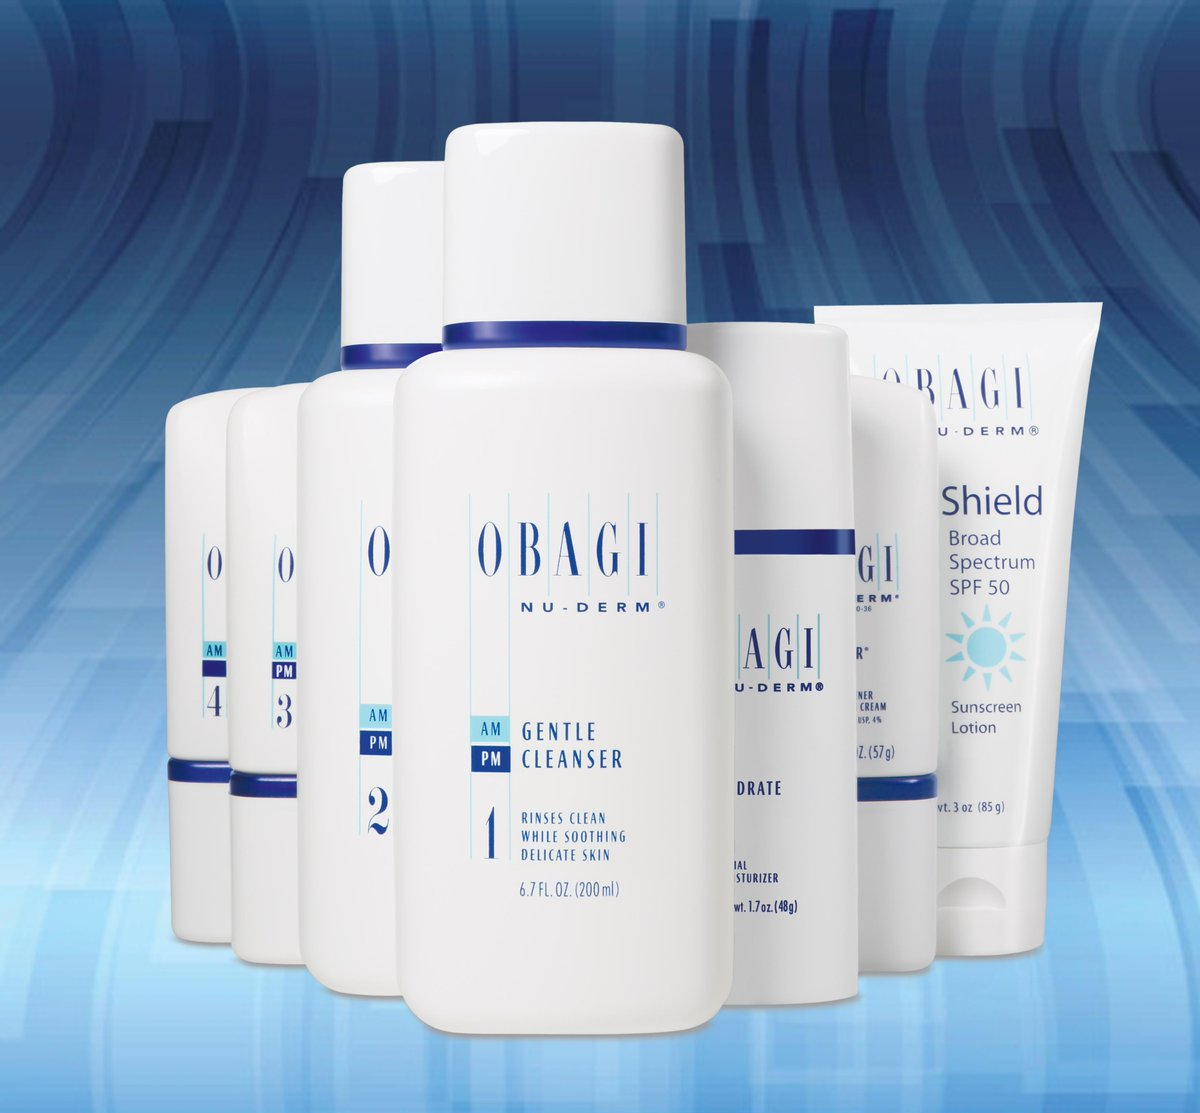 RETWEET if Nu-Derm is your must-have Obagi® product. http://t.co/j3uz0q2Y4L http://t.co/lGDzvFbt2V